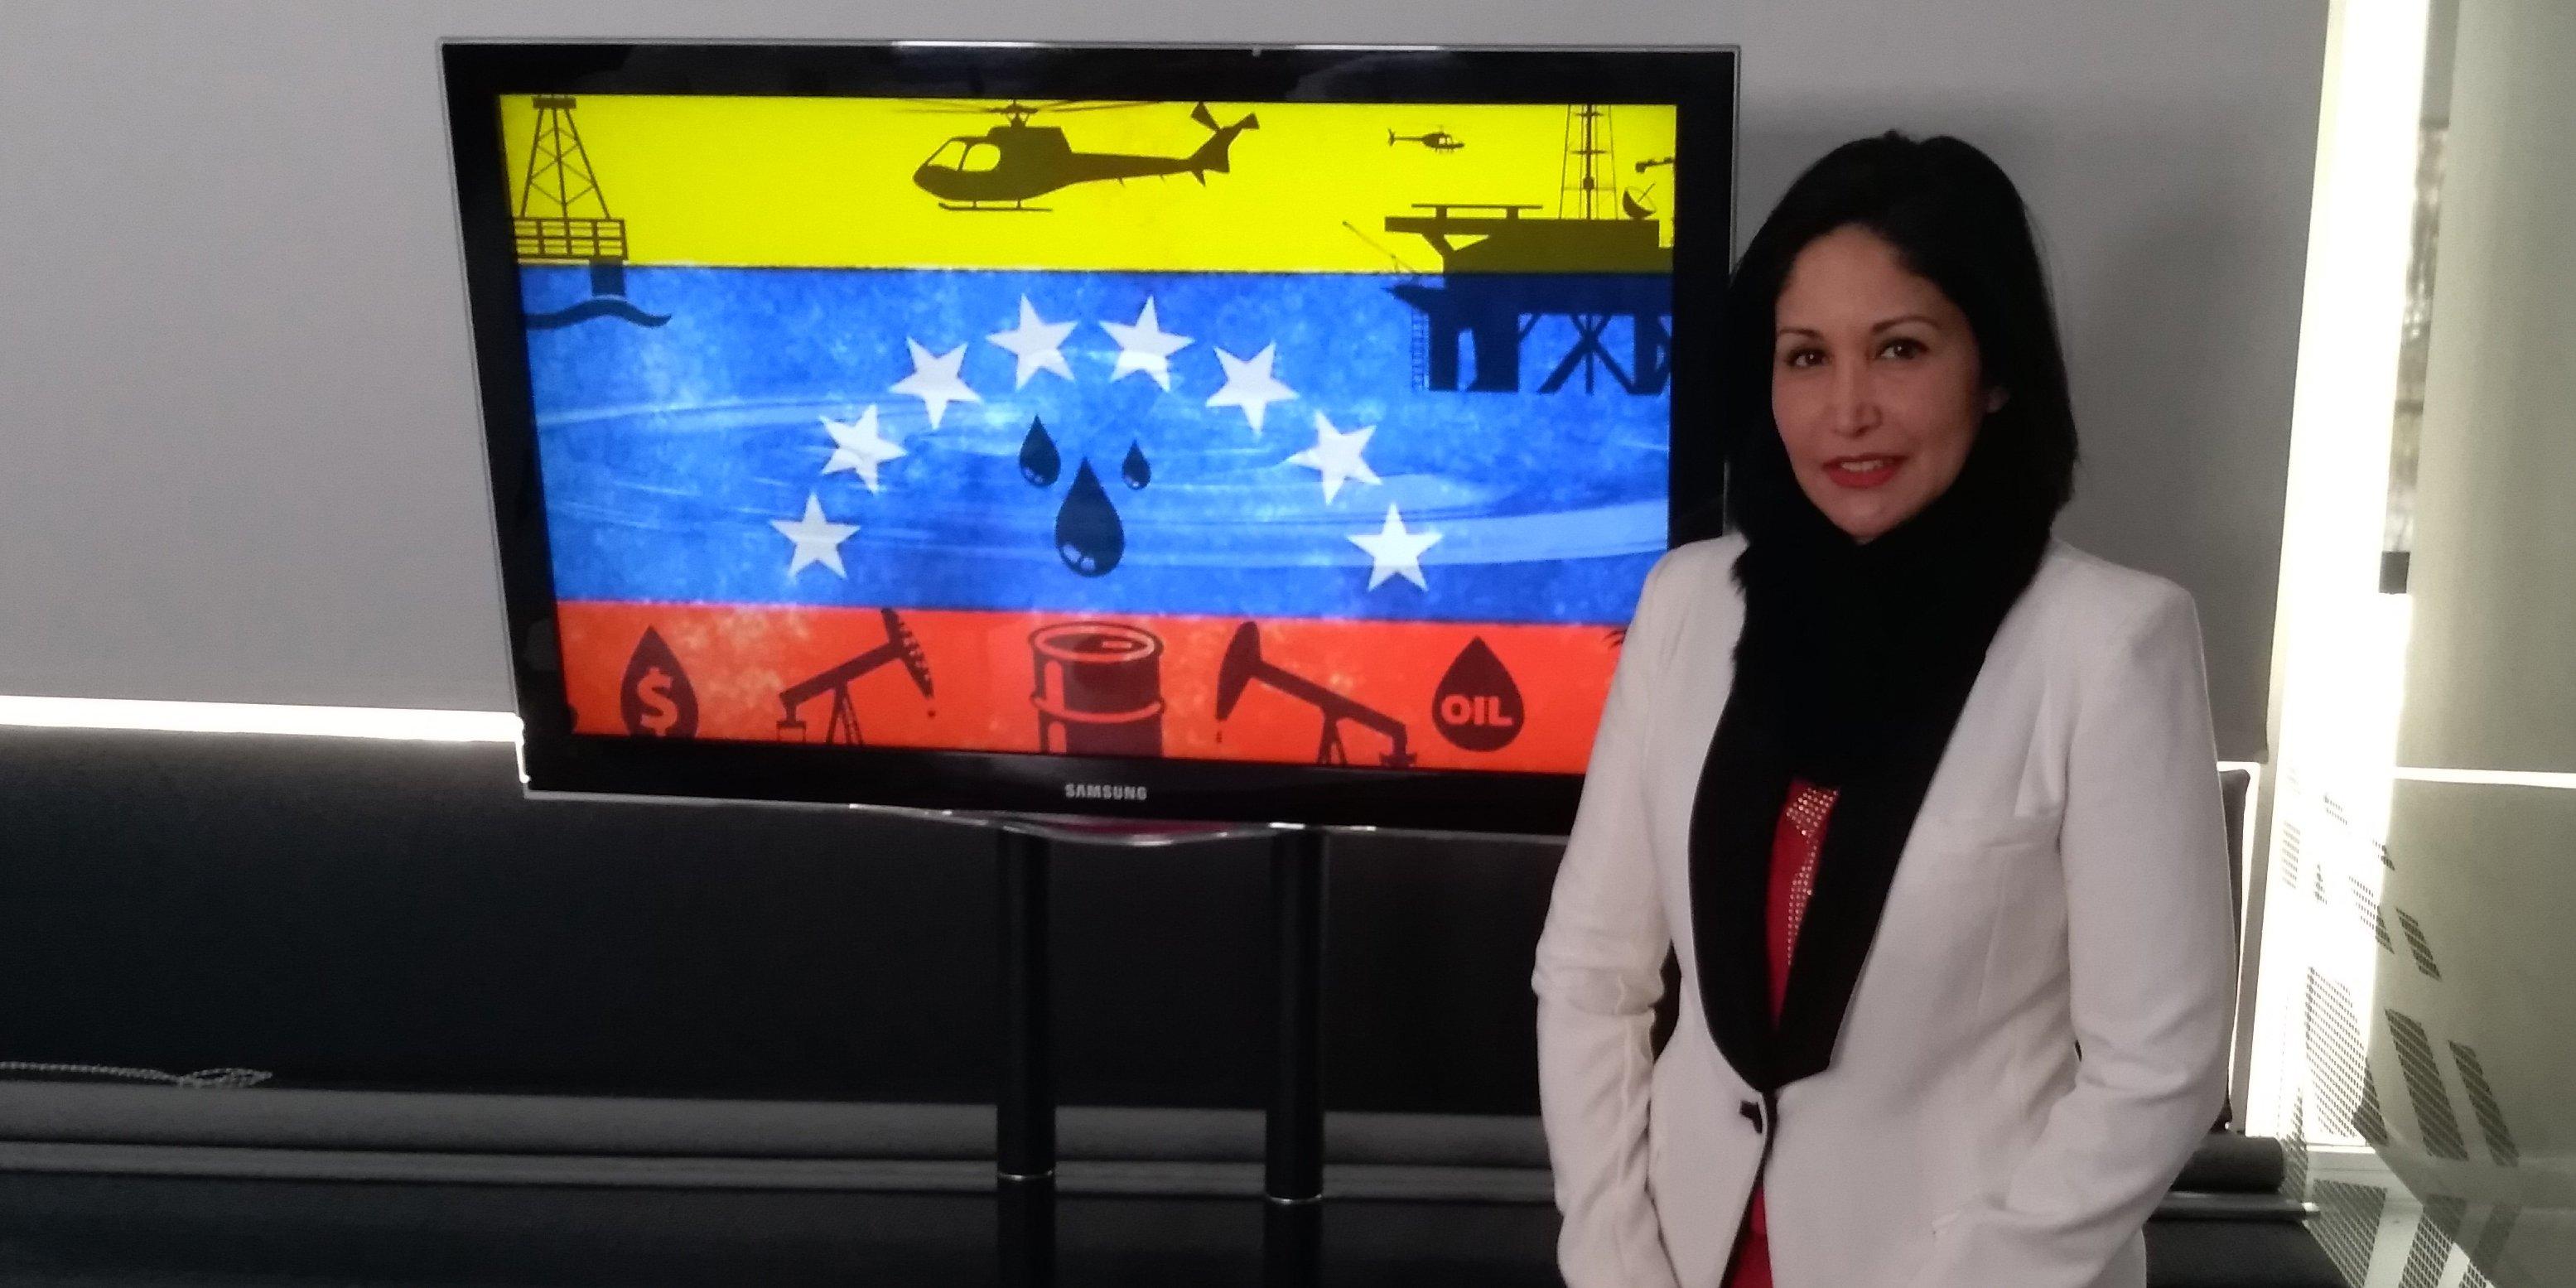 Los cuatro beneficios ocultos del 'bloqueo' de EEUU a la dictadura chavista